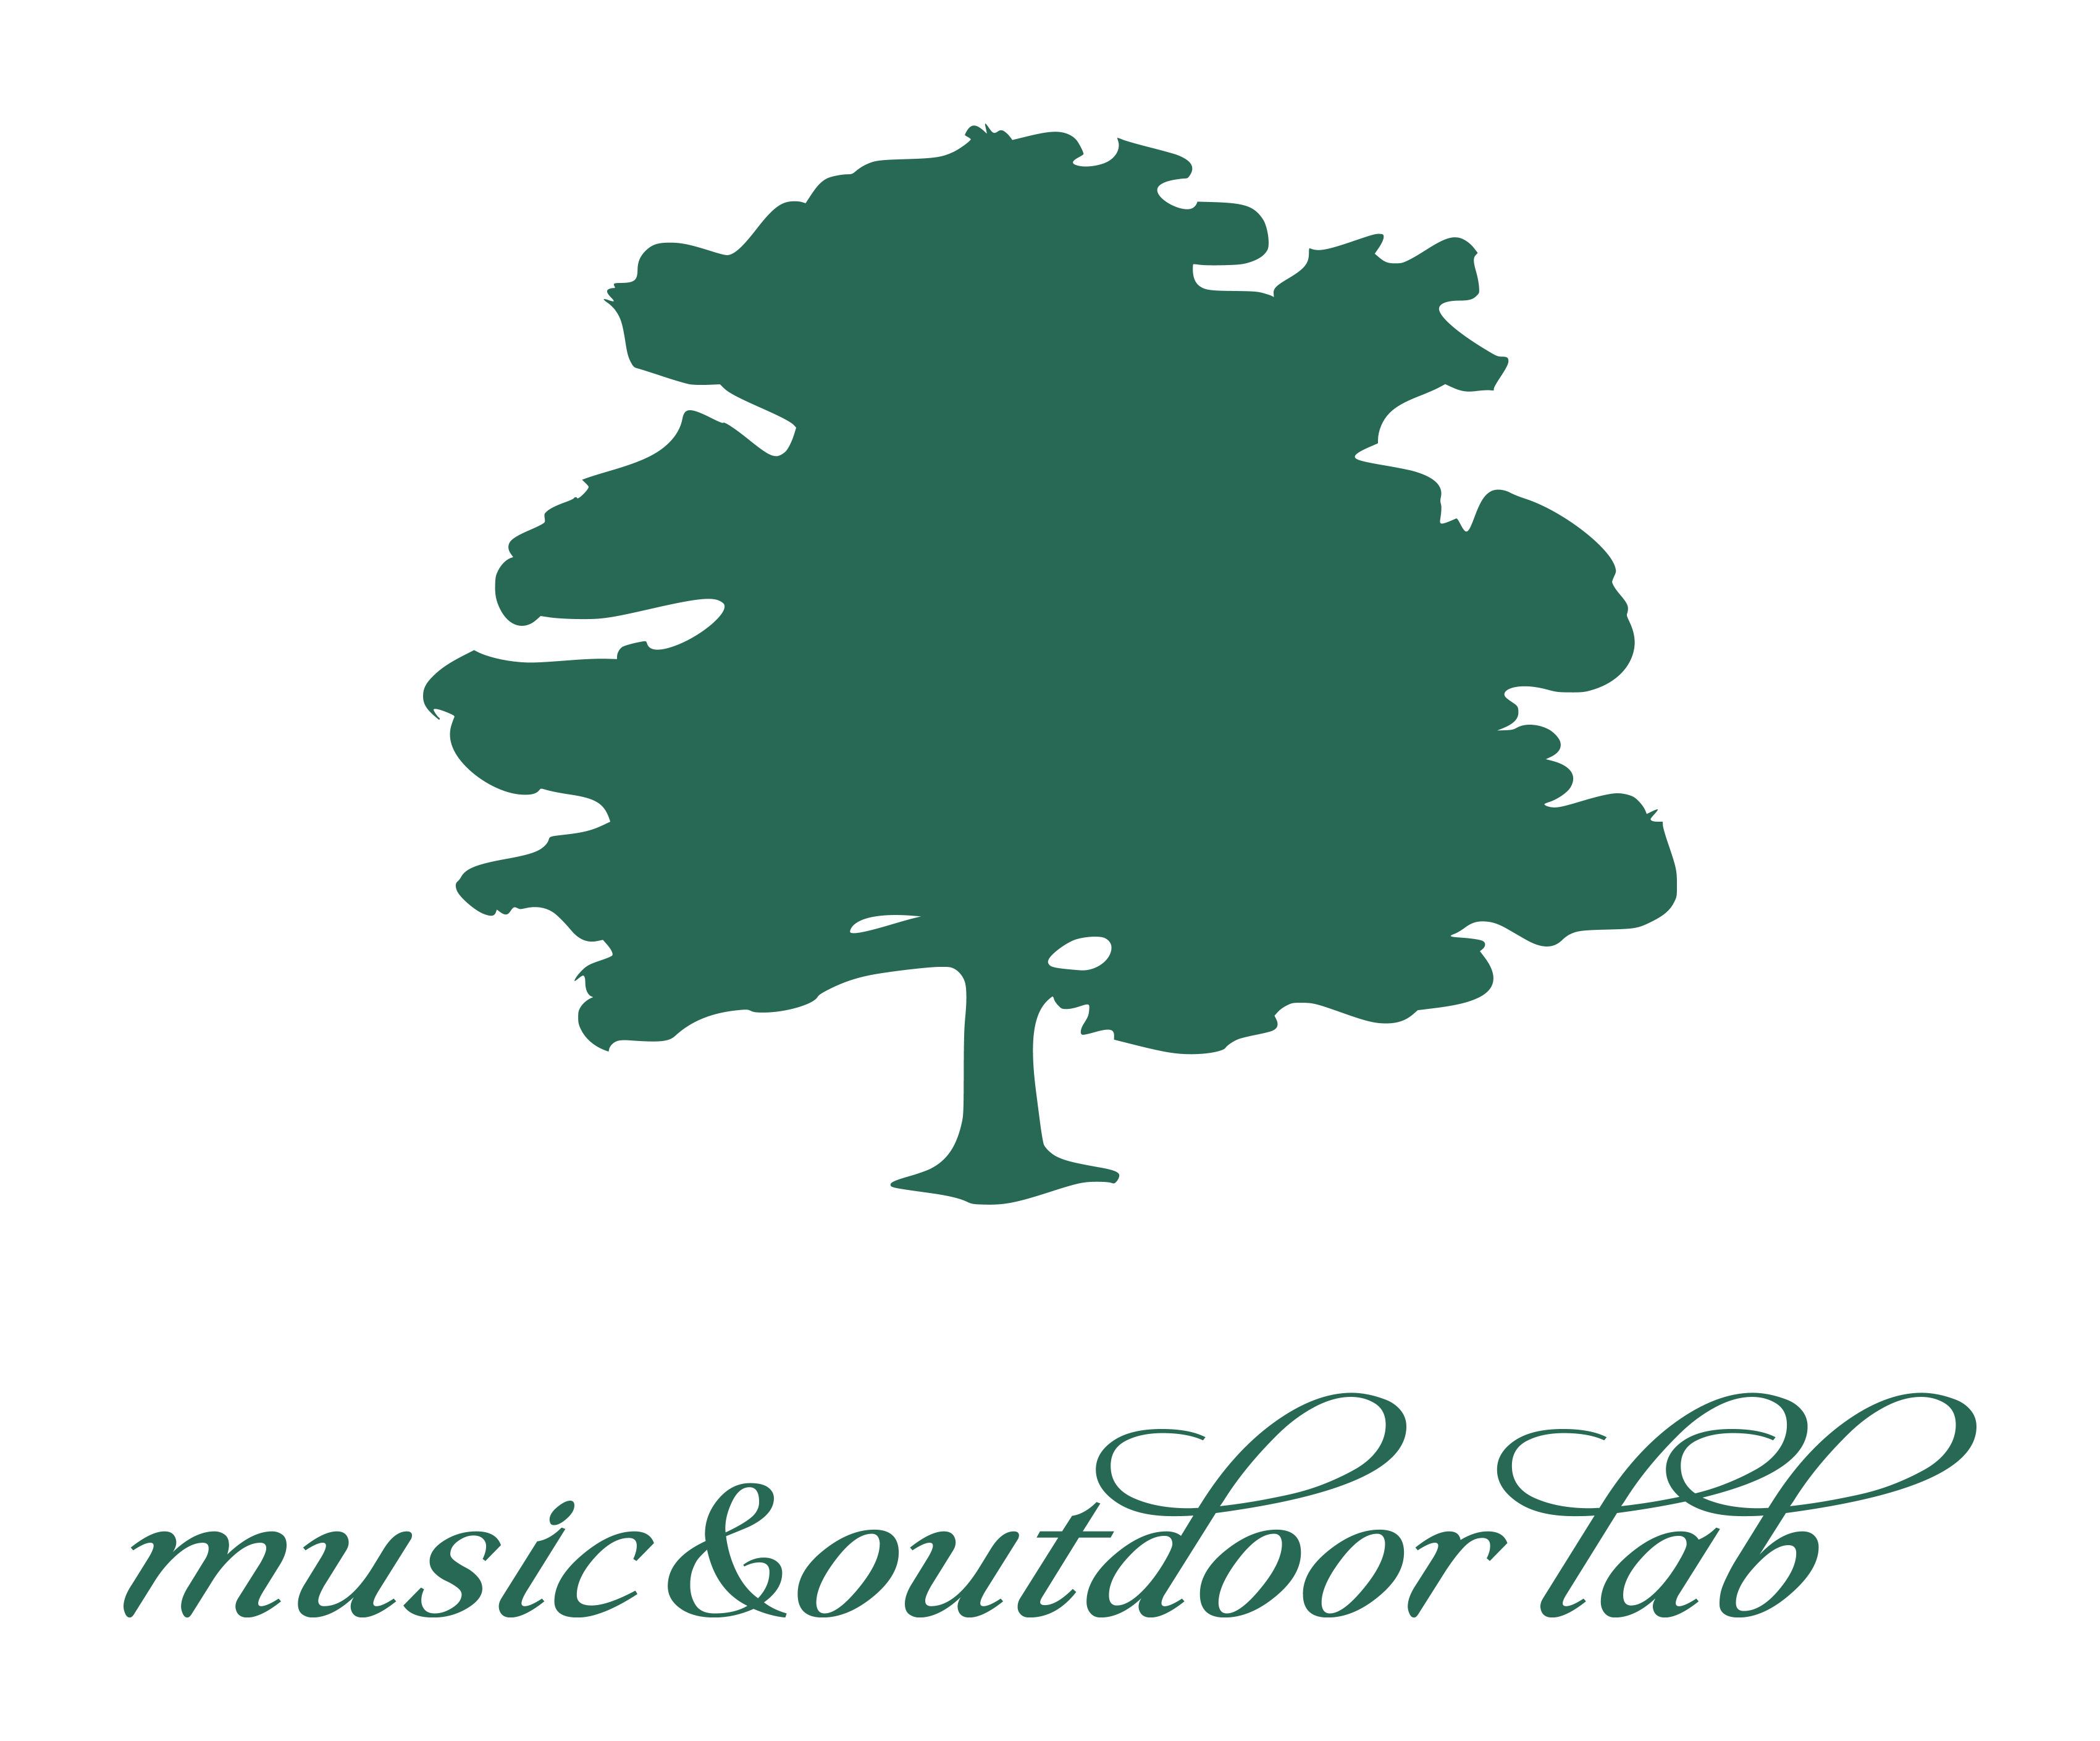 キャンプ専門店 Music&Outdoor lab